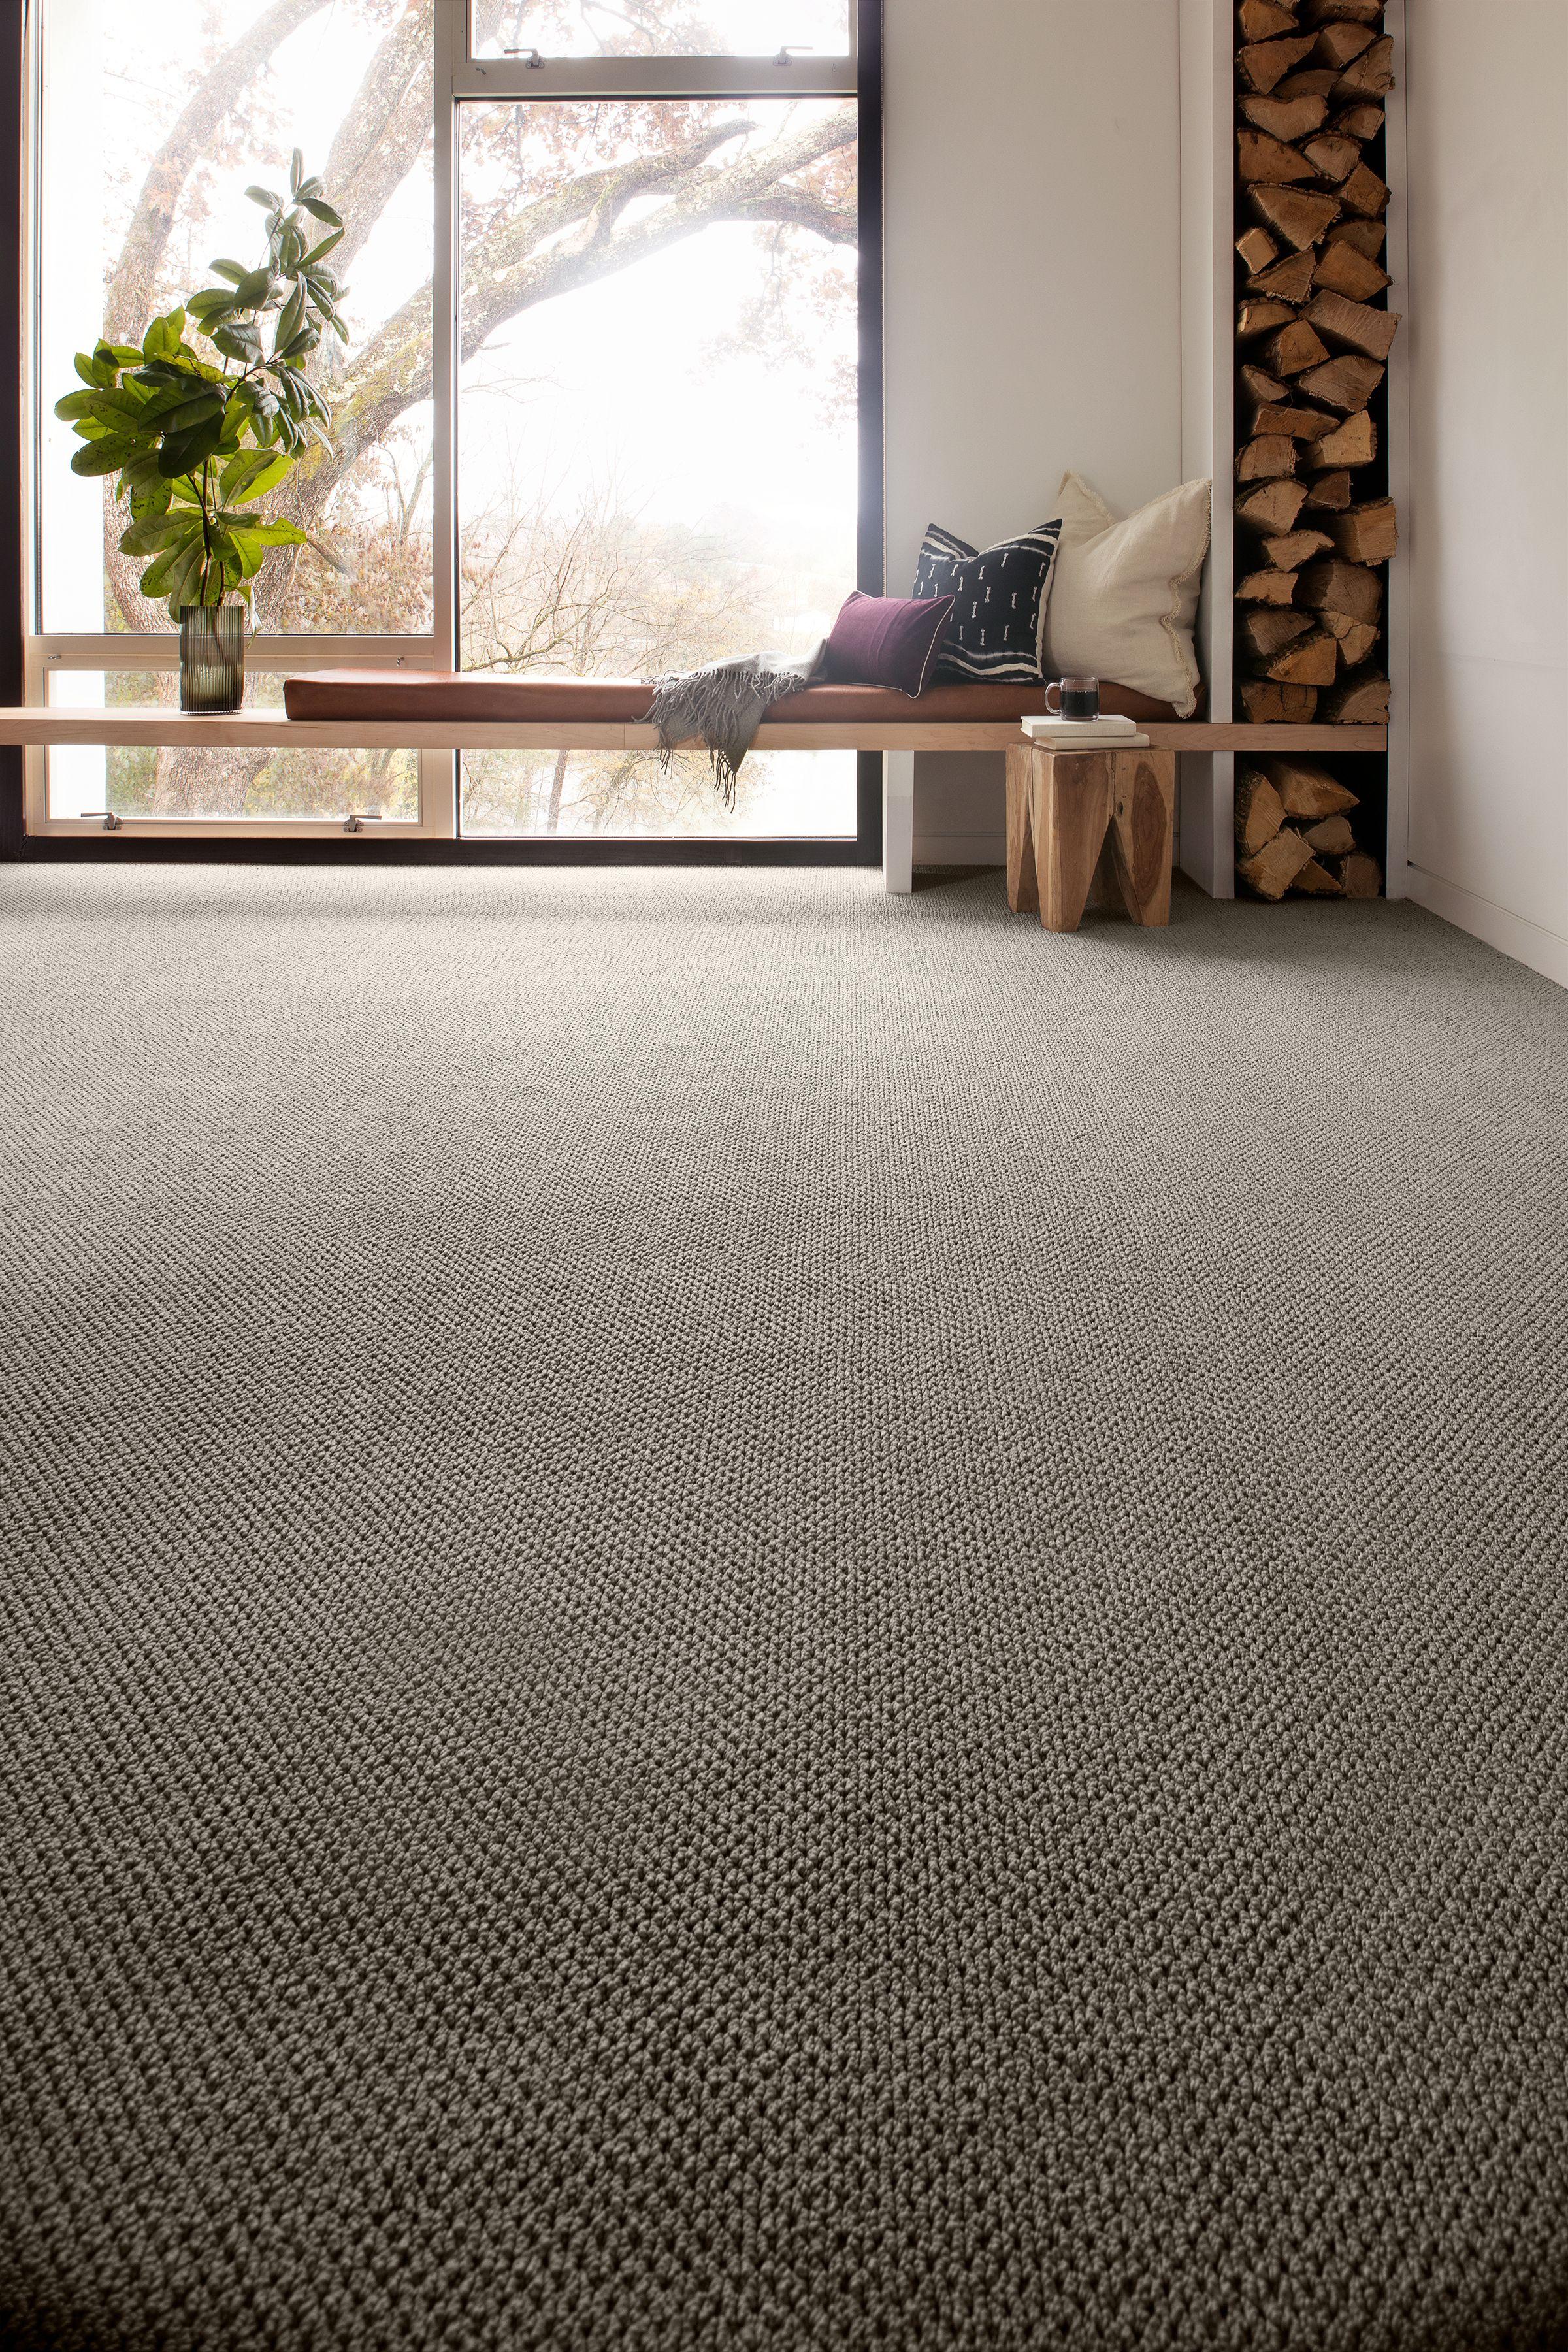 Mera Zz086 00774 Carpet Flooring Anderson Tuftex Carpet Decoration Textured Carpet Carpet Flooring